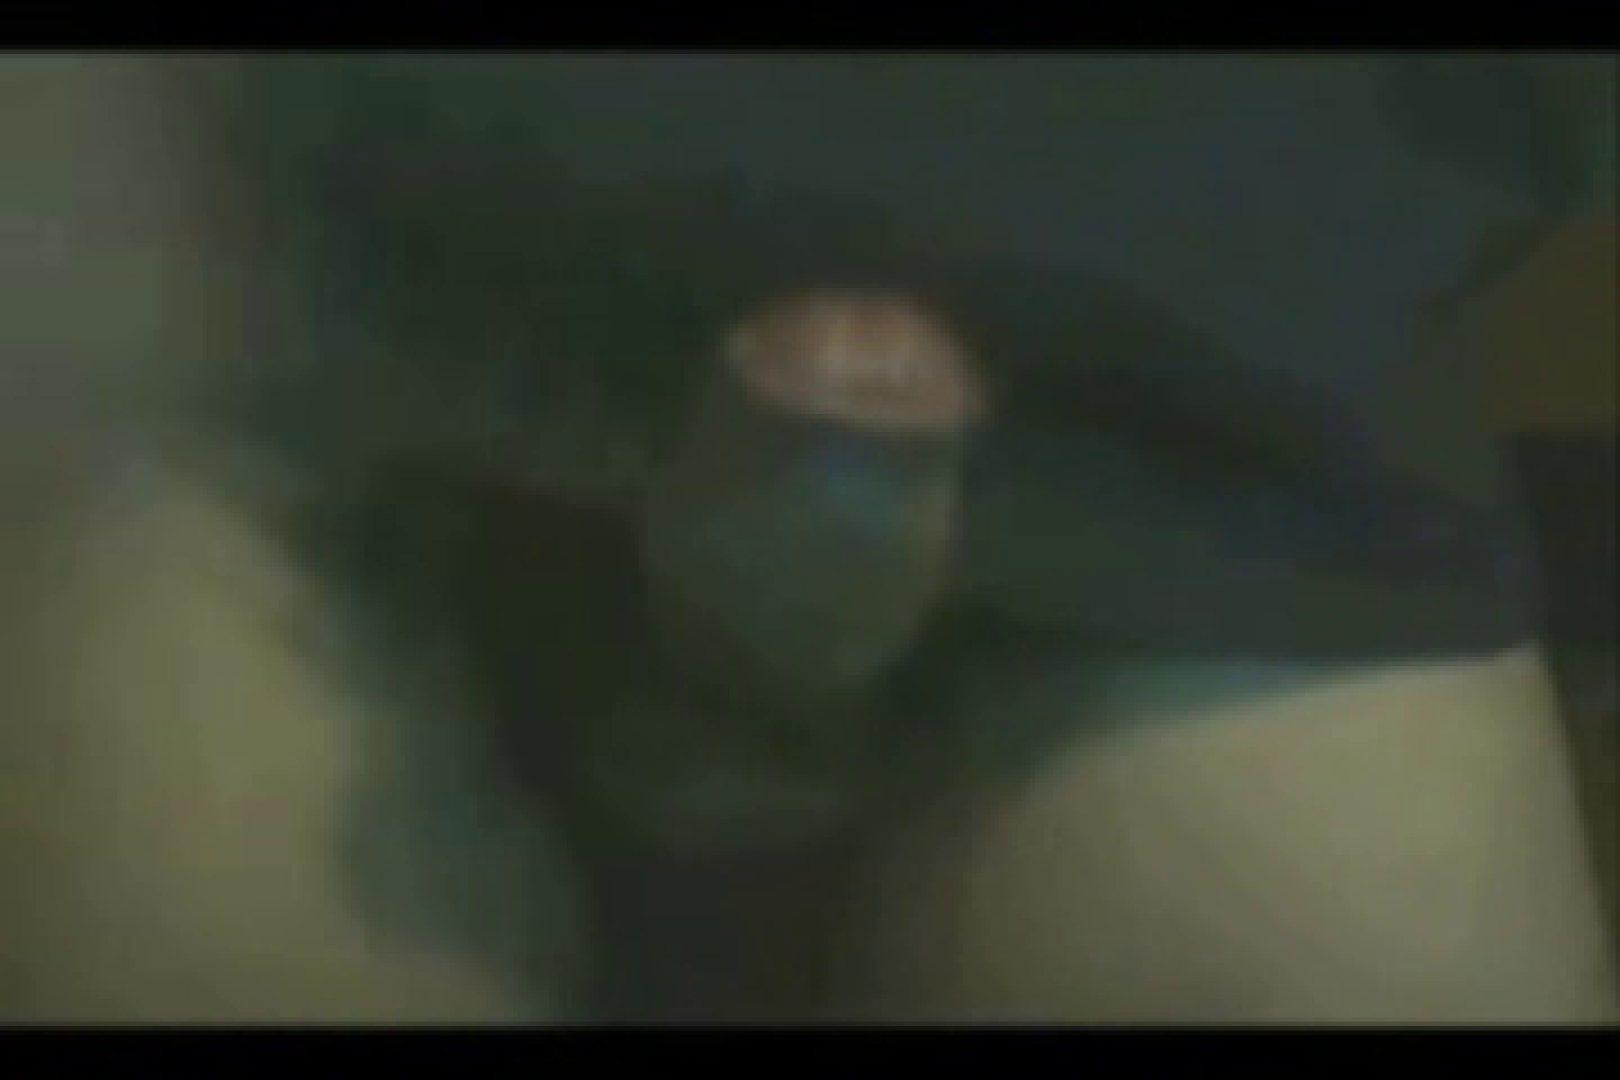 ファイル流出! ! パソコン画面を目の前に自画撮りオナニー チンコ 射精無修正動画 107枚 69